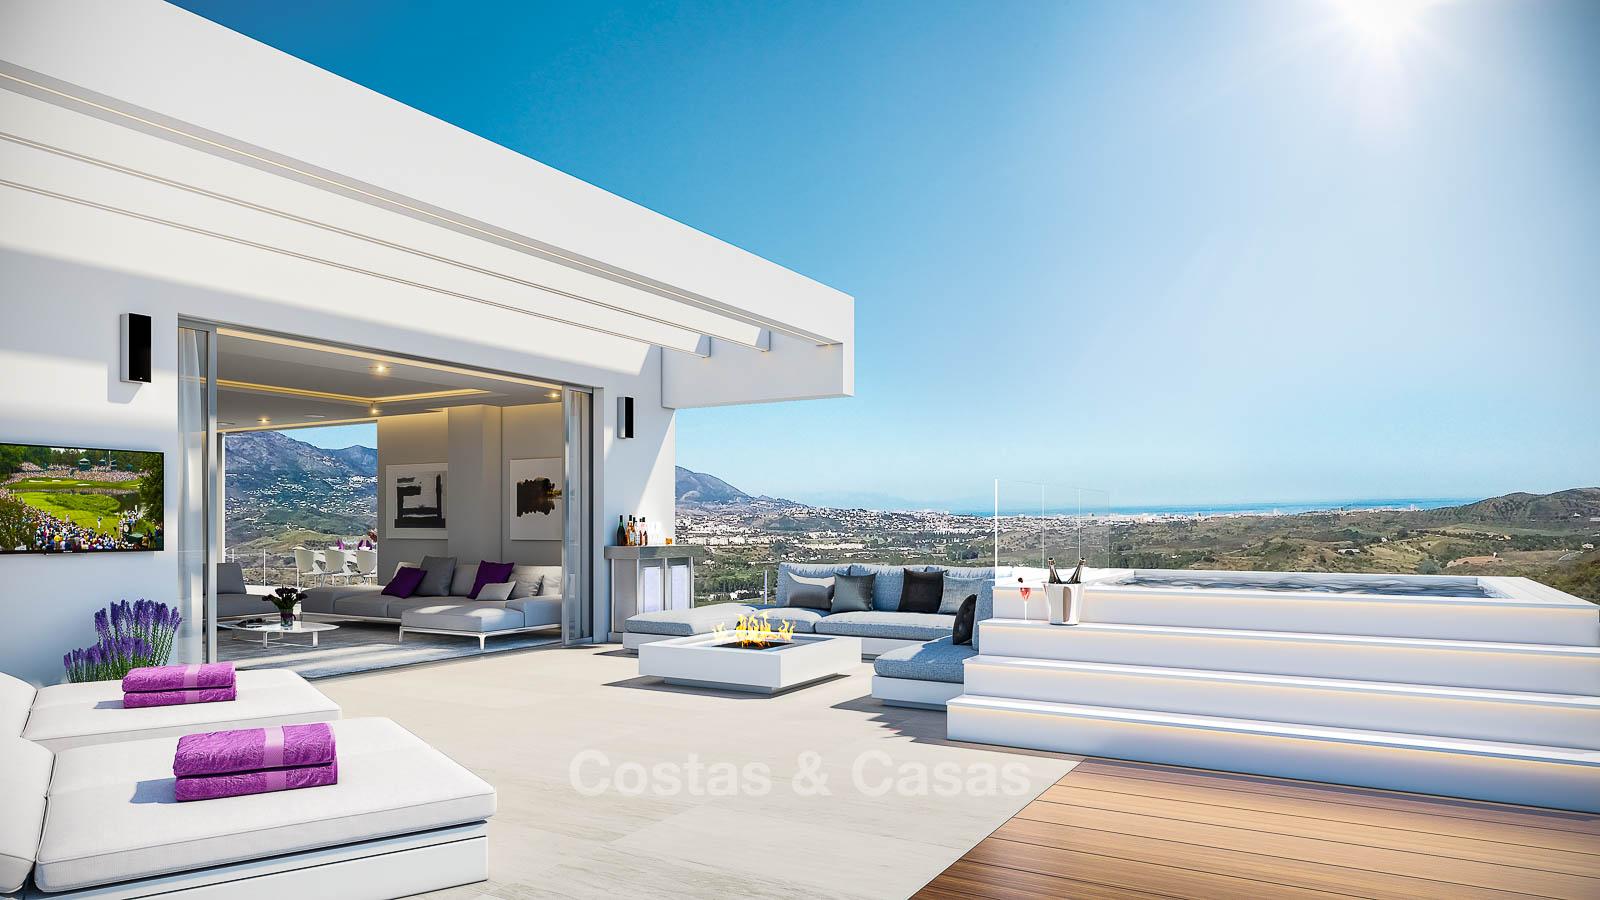 Appartements Neufs Et Modernes Avec Vue Mer à Vendre Dans Un Centre De  Vacances Luxueuse De Golf   La Cala, Mijas, Costa Del Sol | Moulin